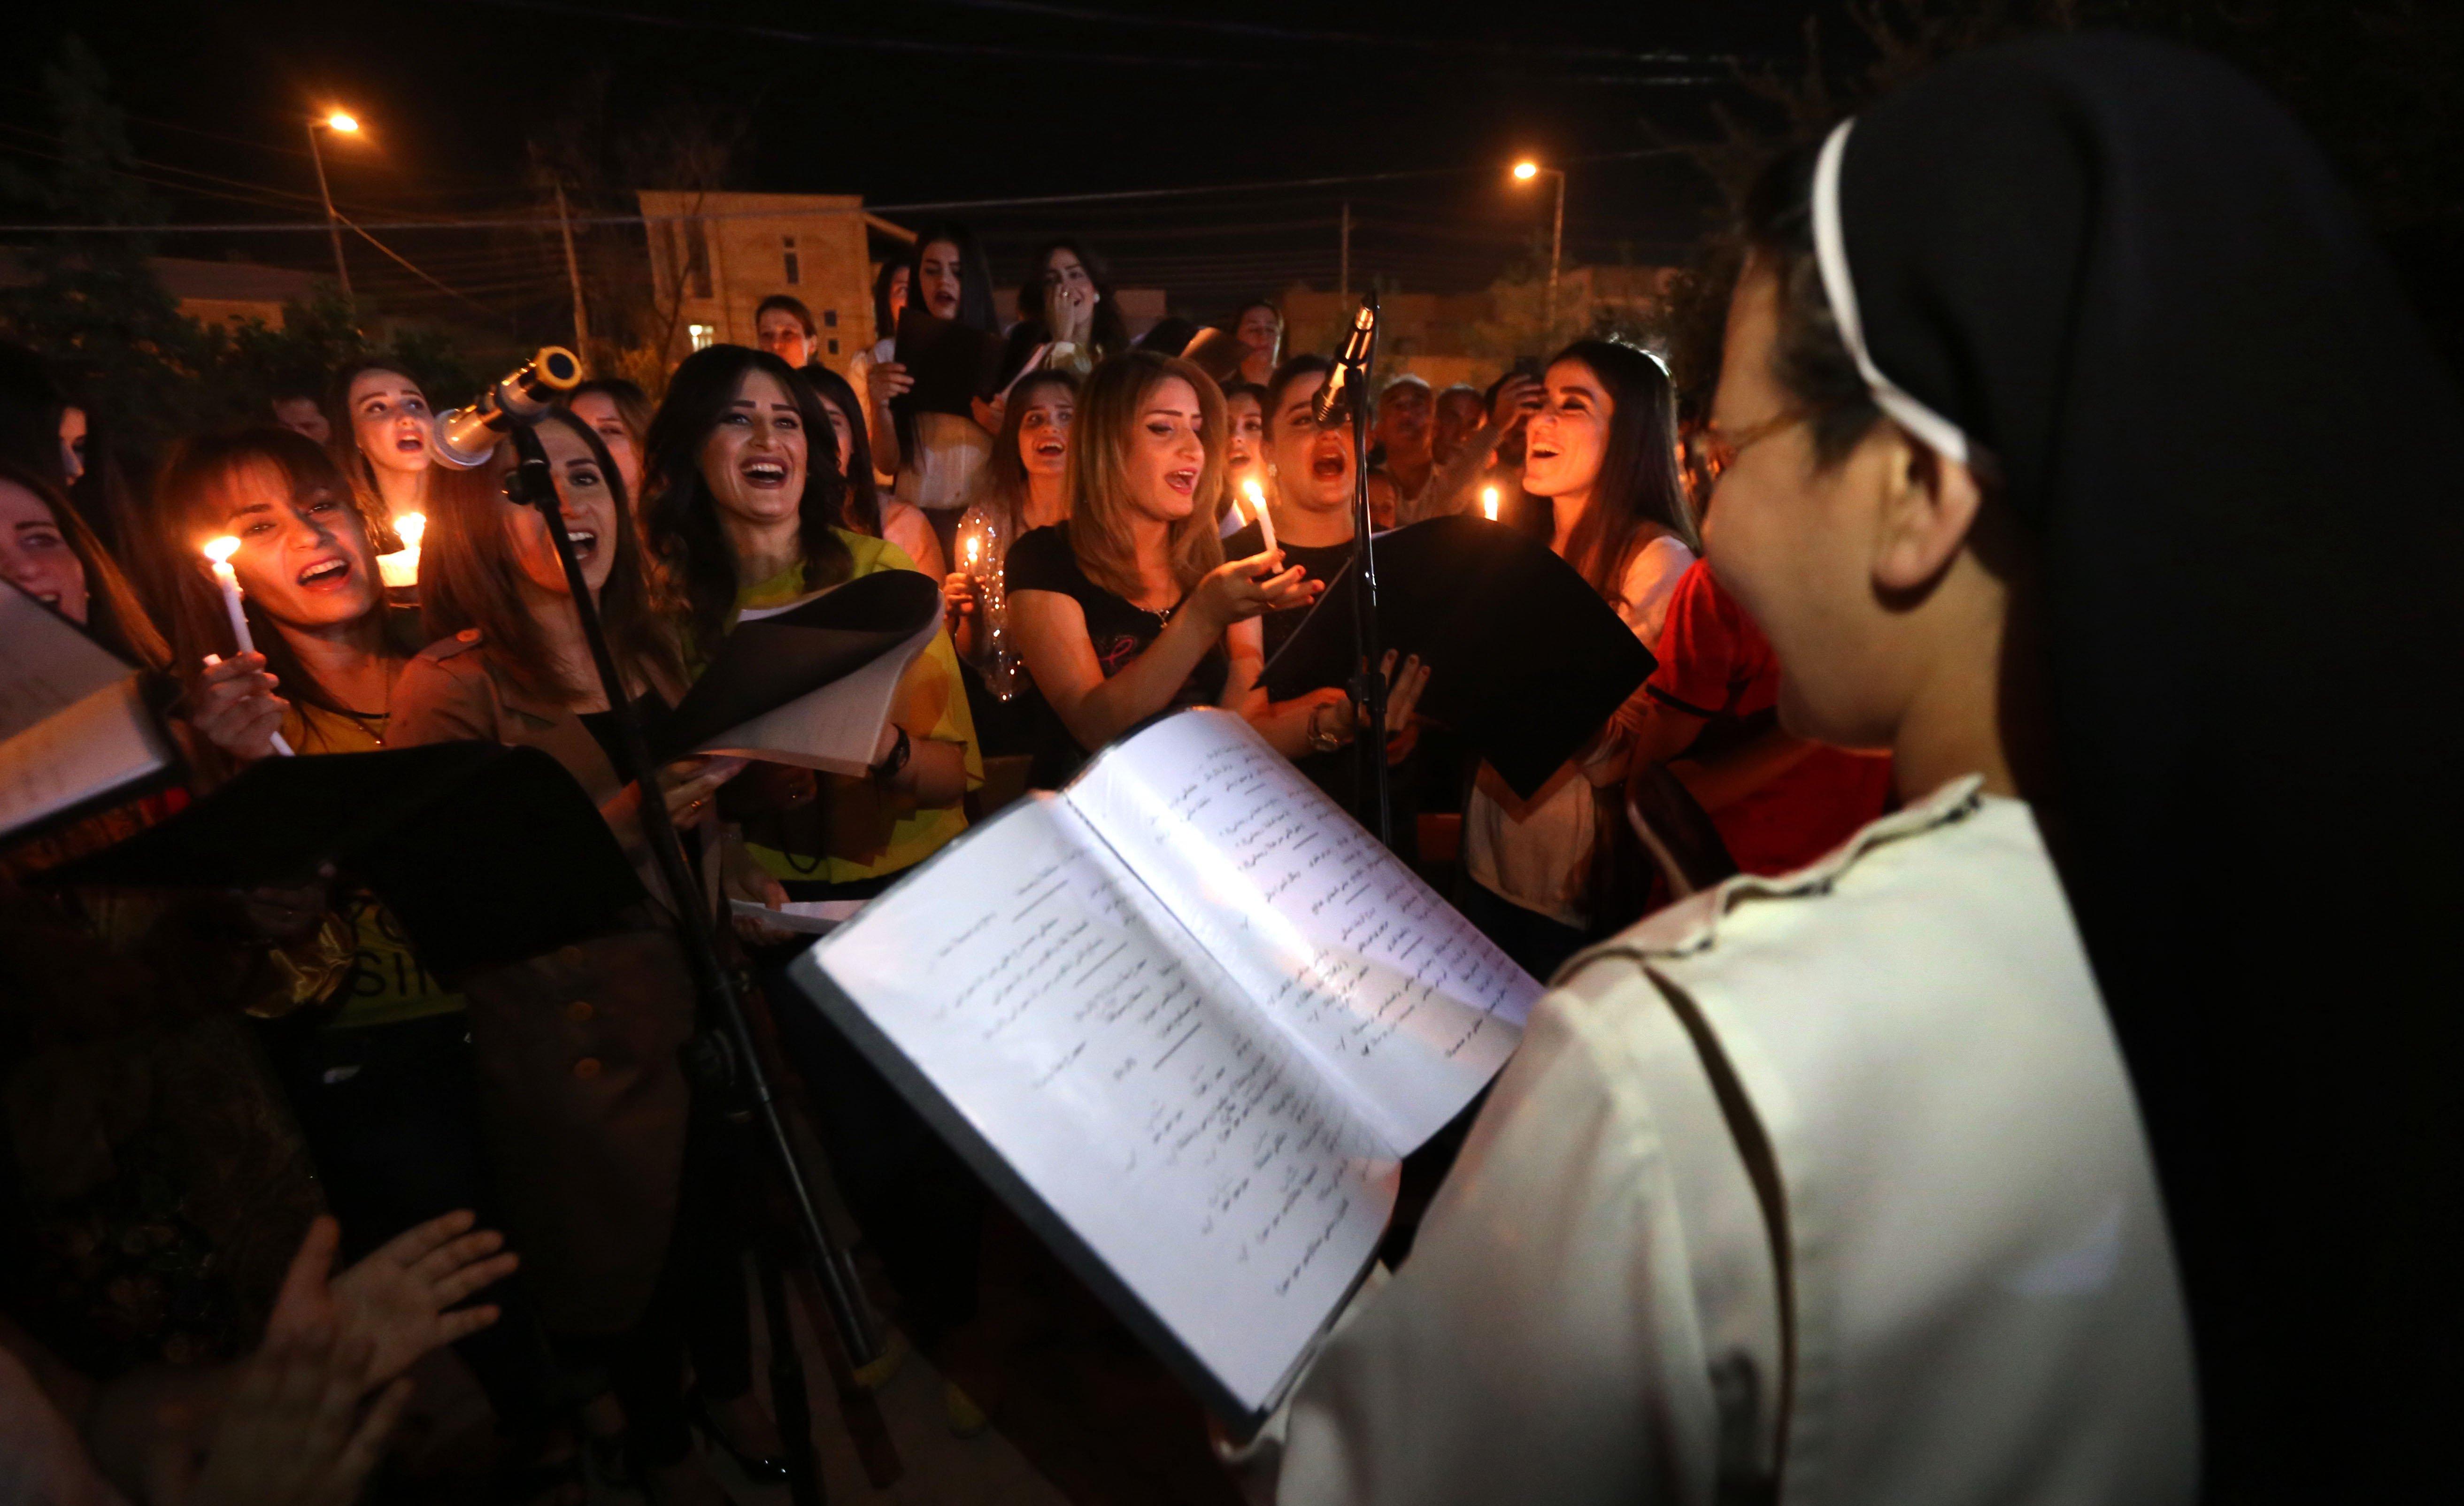 پایکوبی مسیحیان عراقی برای آزادی شهر قراقوش+ تصاویر